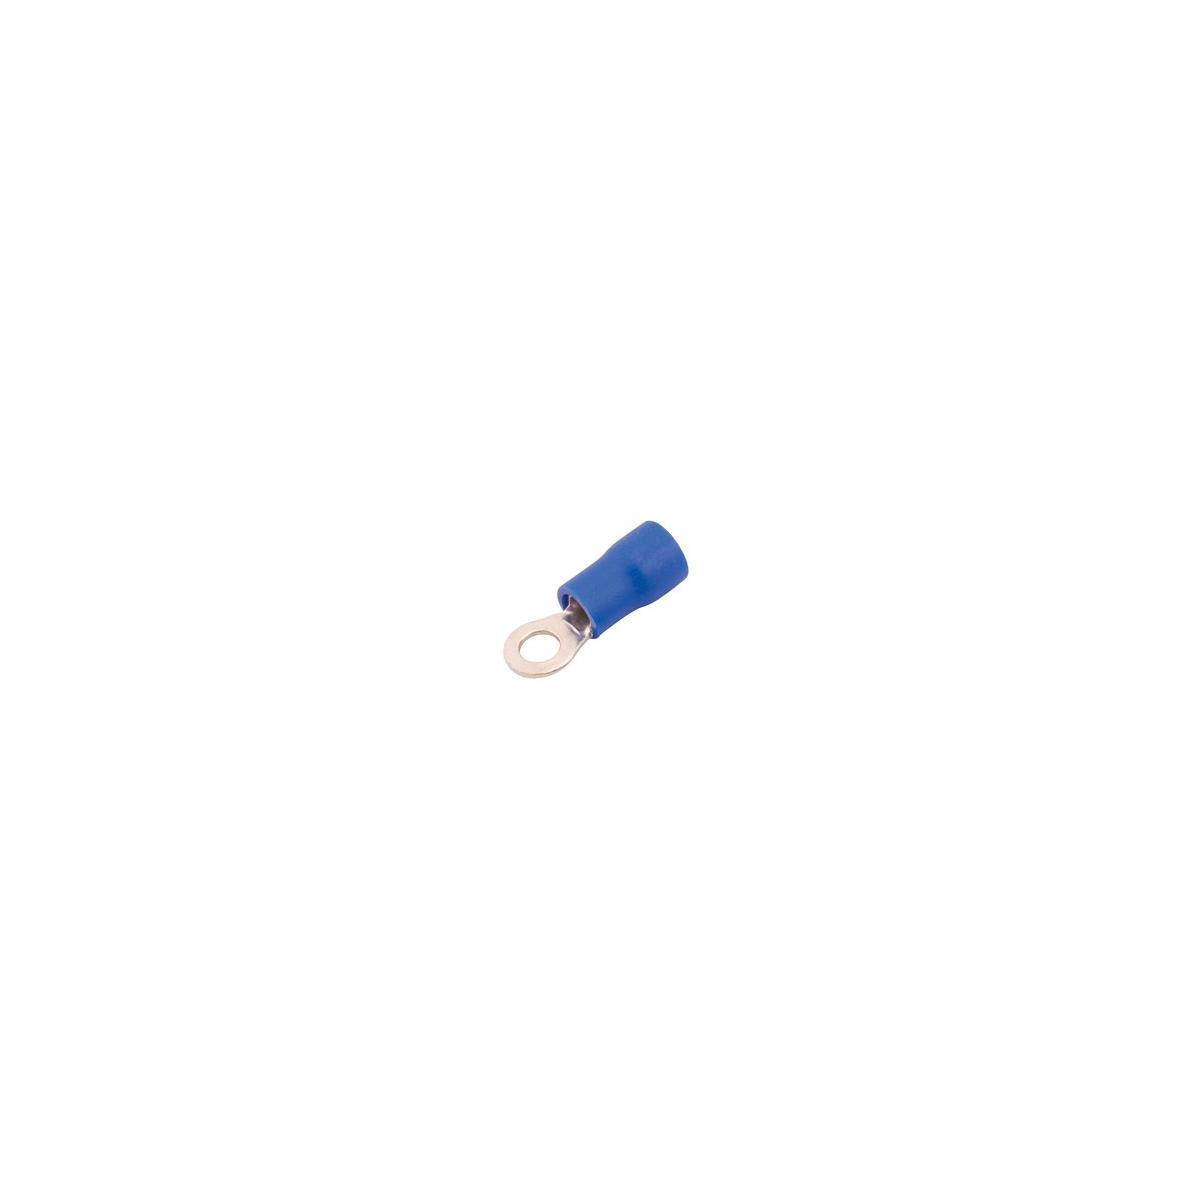 TERMINAL OLHAL - AZ - 4MM - R4160 SF-